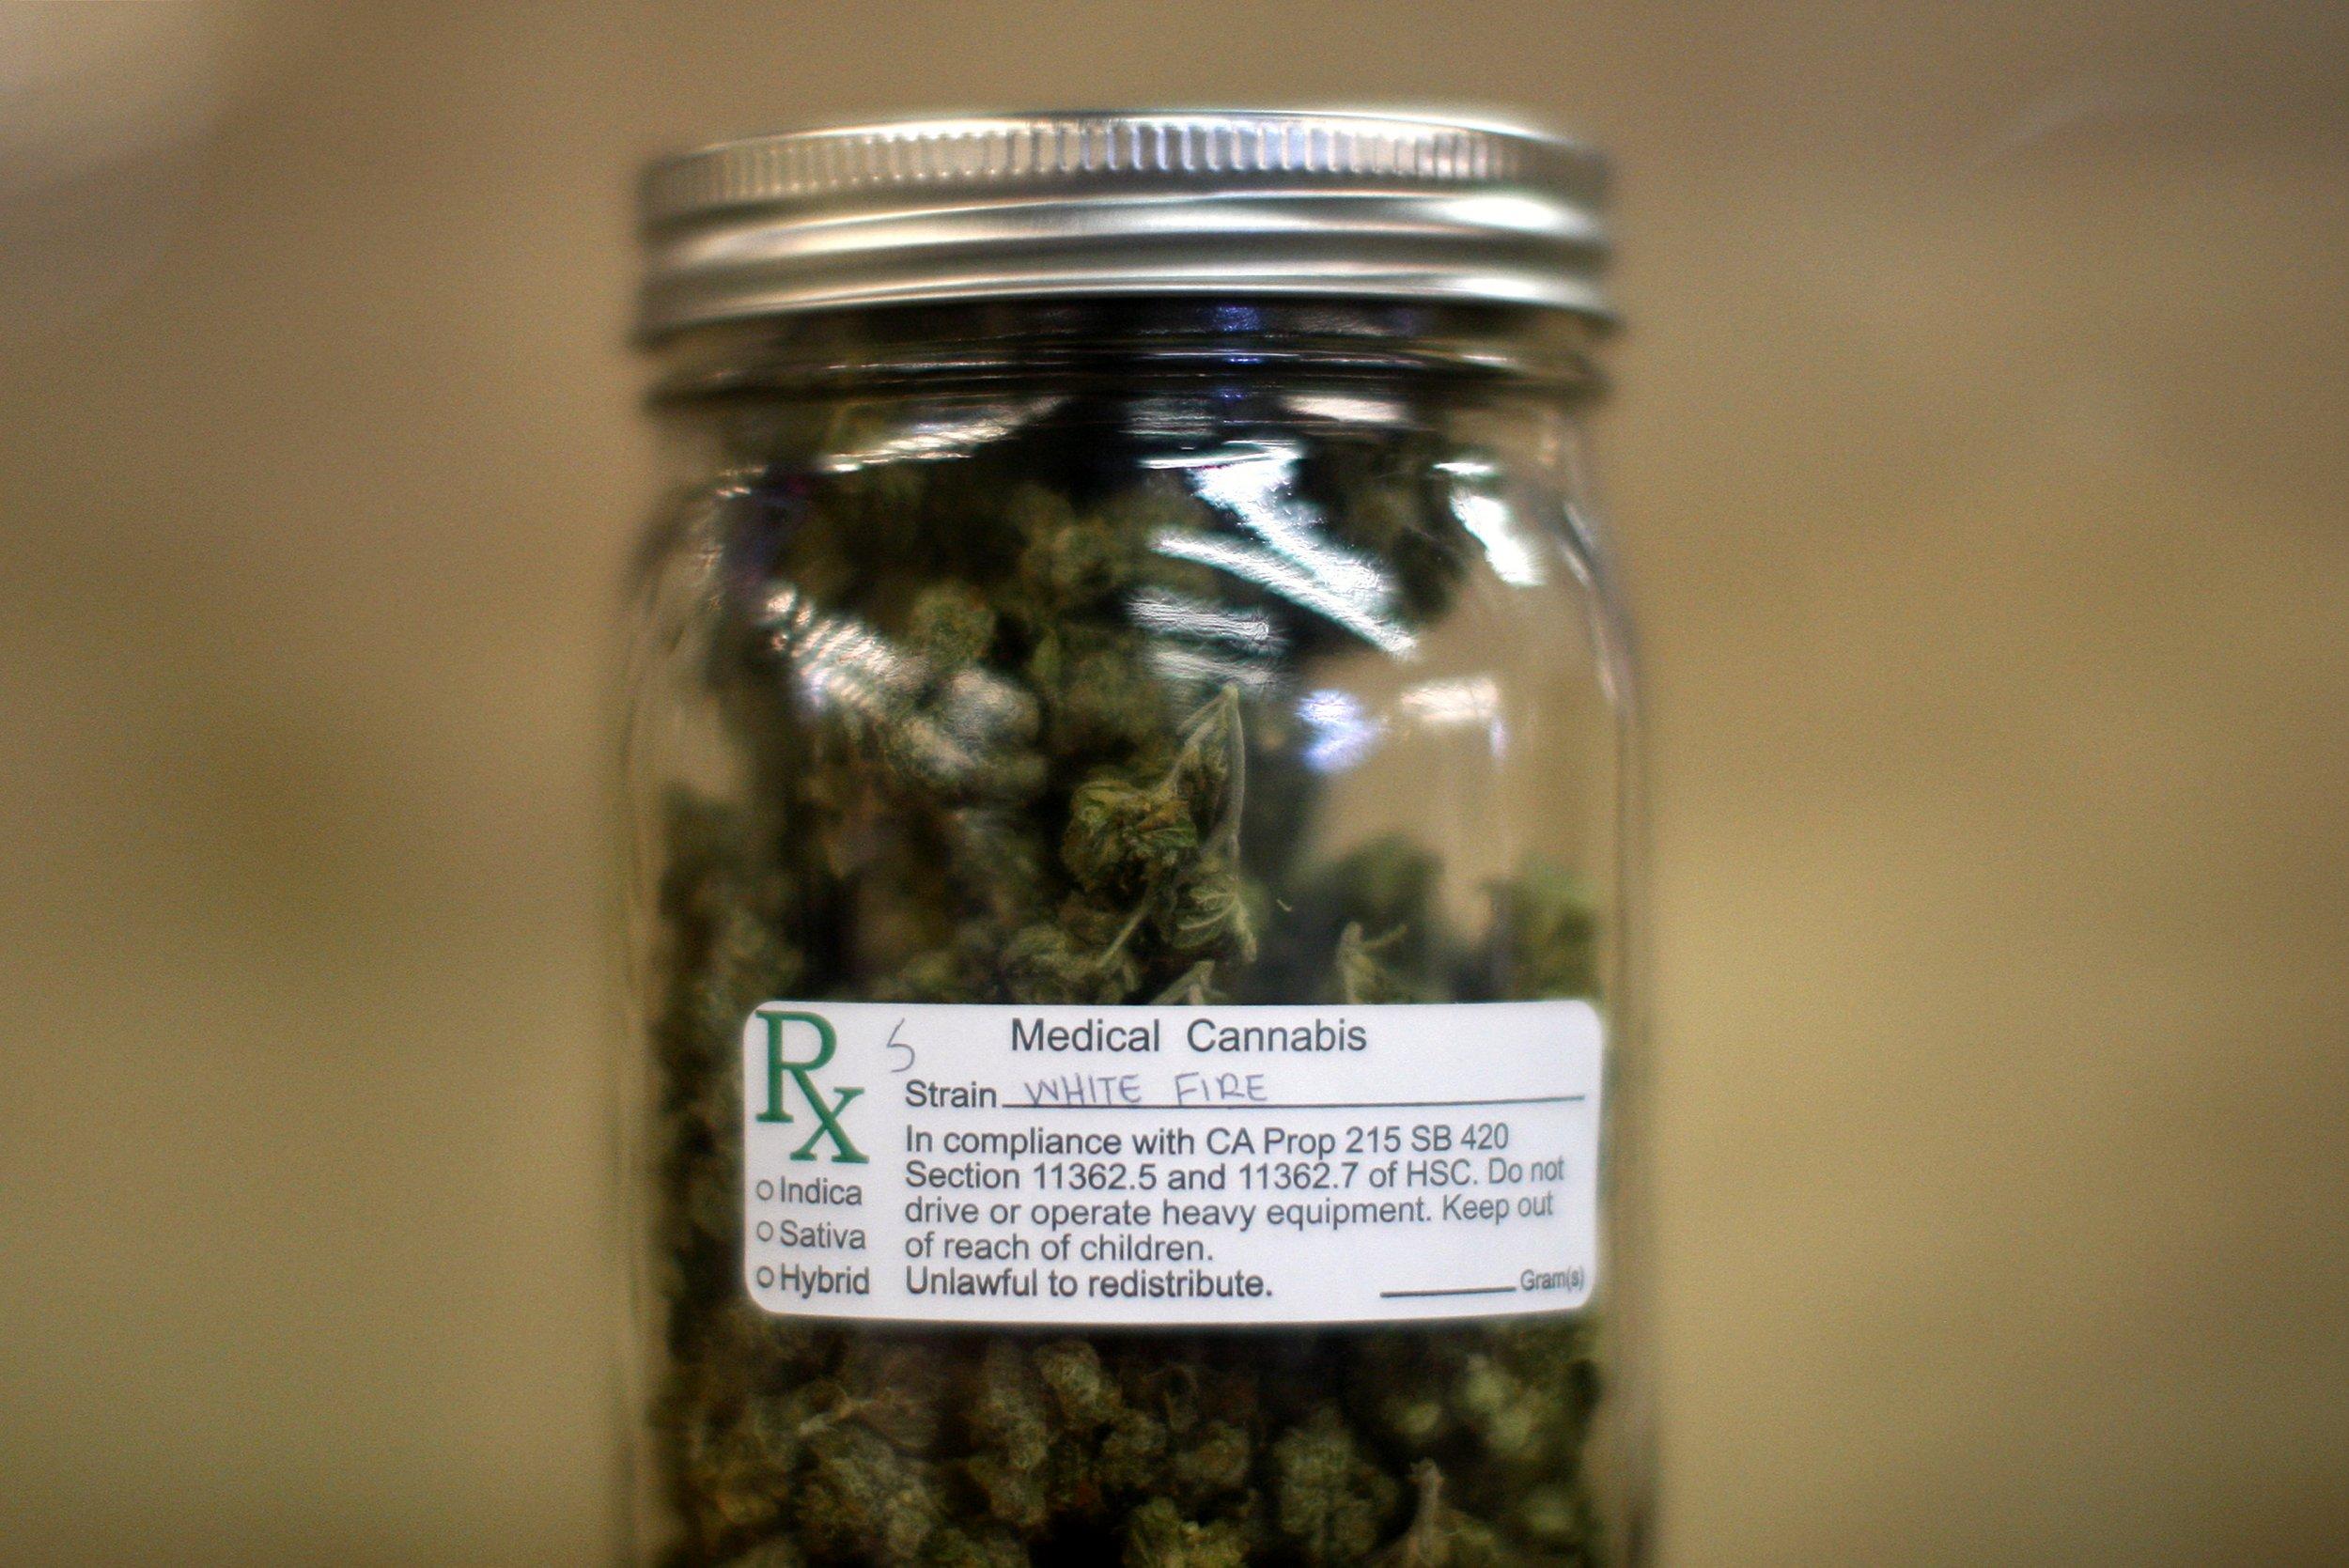 12-31-15 Medical cannabis